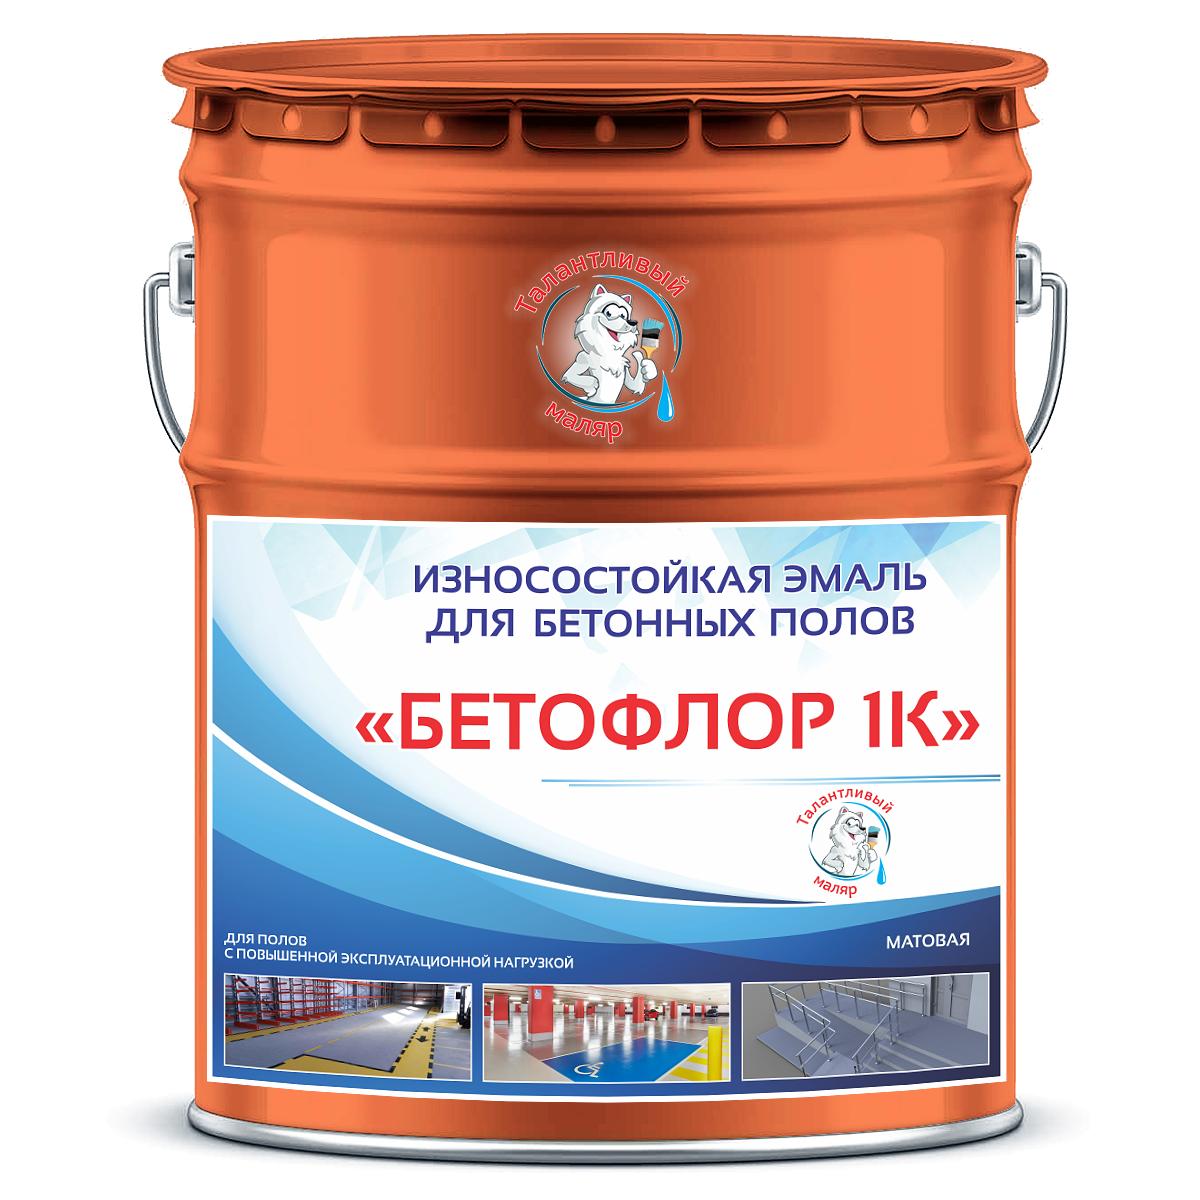 """Фото 8 - BF2010 Эмаль для бетонных полов """"Бетофлор"""" 1К цвет RAL 2010 Сигнальный-оранжевый, матовая износостойкая, 25 кг """"Талантливый Маляр""""."""